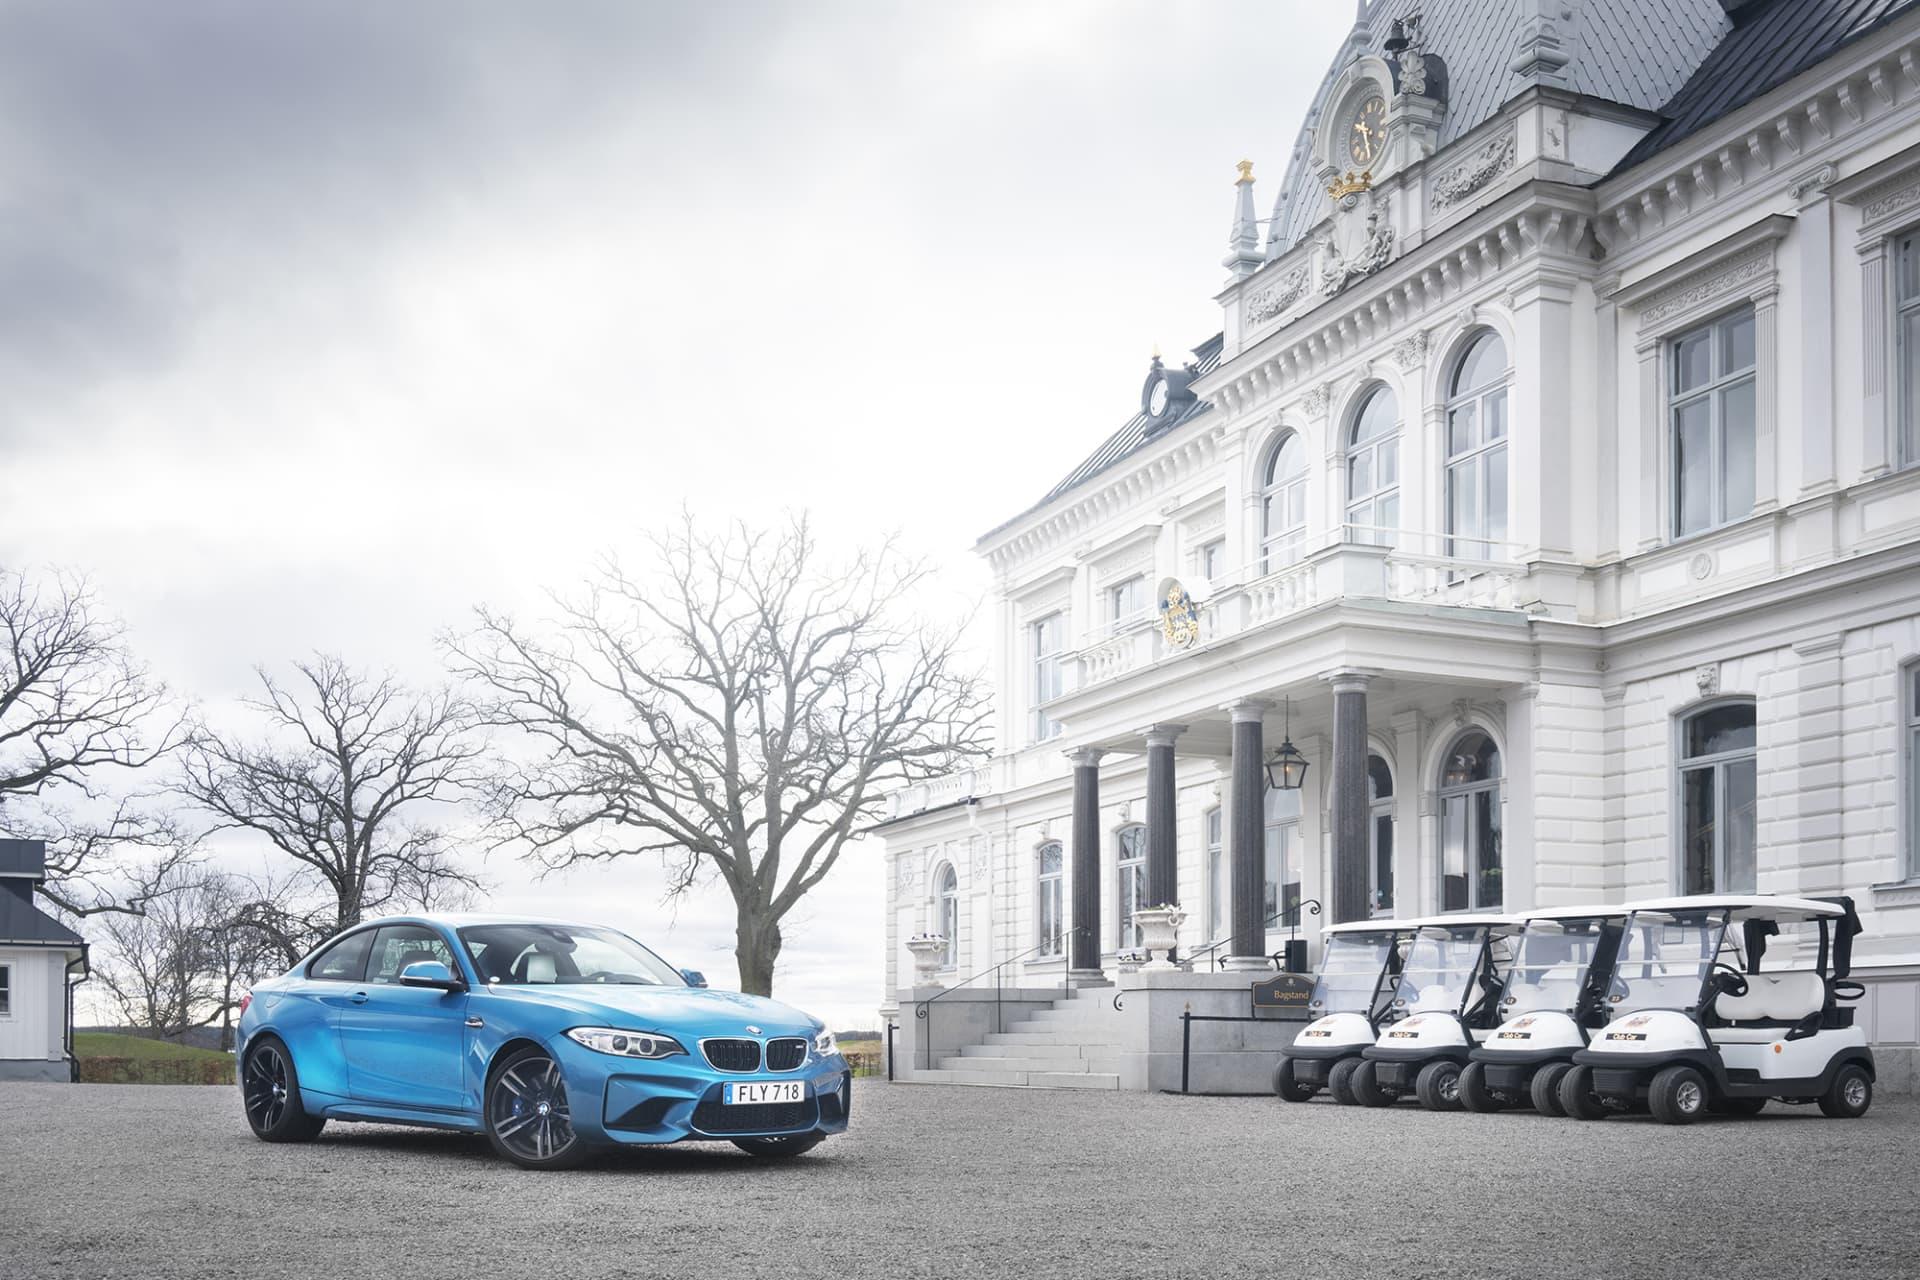 BMW M2 utanför anrika Bro Hof slott. Kombinationen av det kompakta formatet, skärmbreddare och stora luftintagen i fronten ger M2 ett riktigt coolt utseende. Färgen Long Beach-blå gör verkligen att bilen sticker ut från mängden.